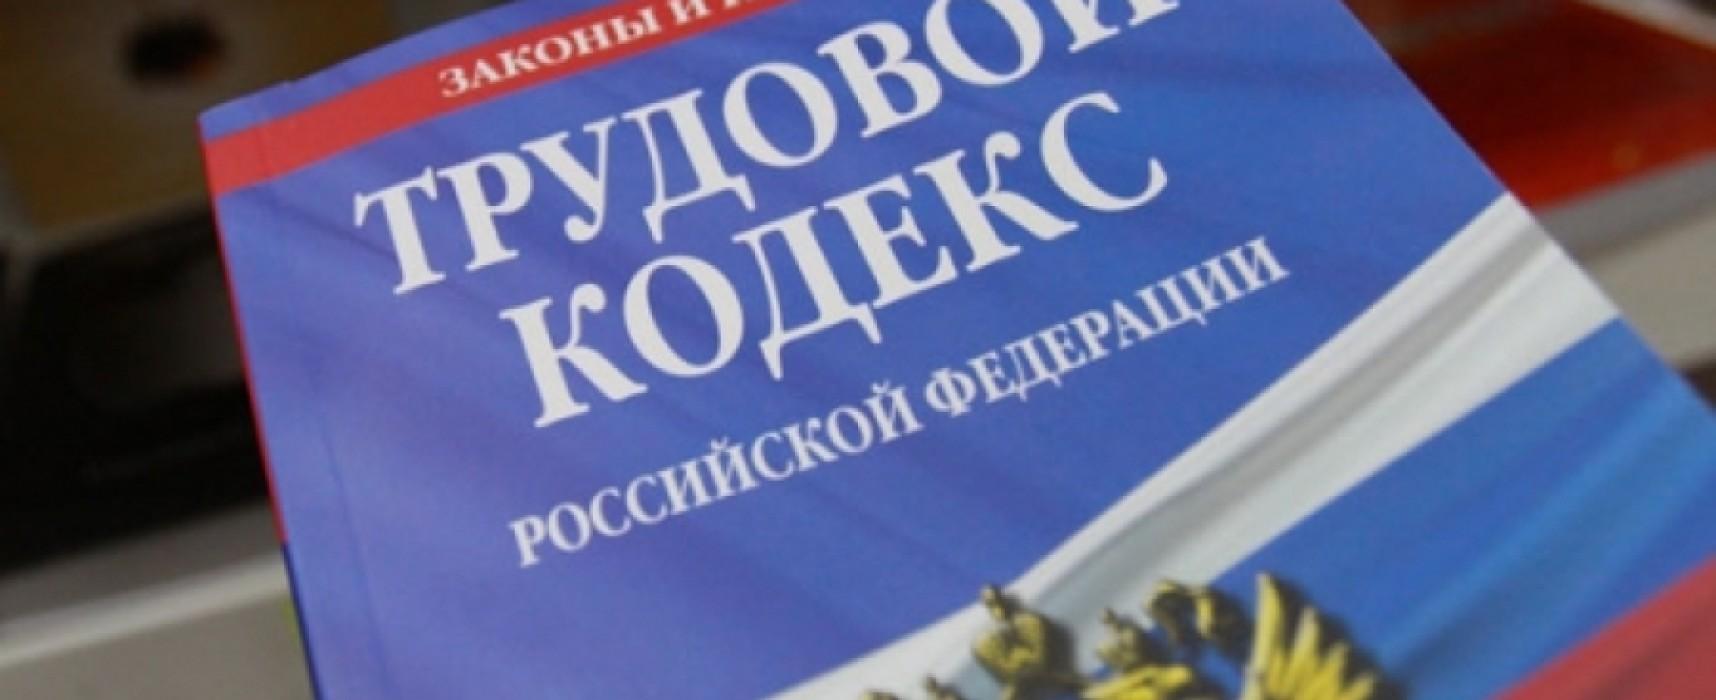 Отстранение от работы, согласно ТК РФ